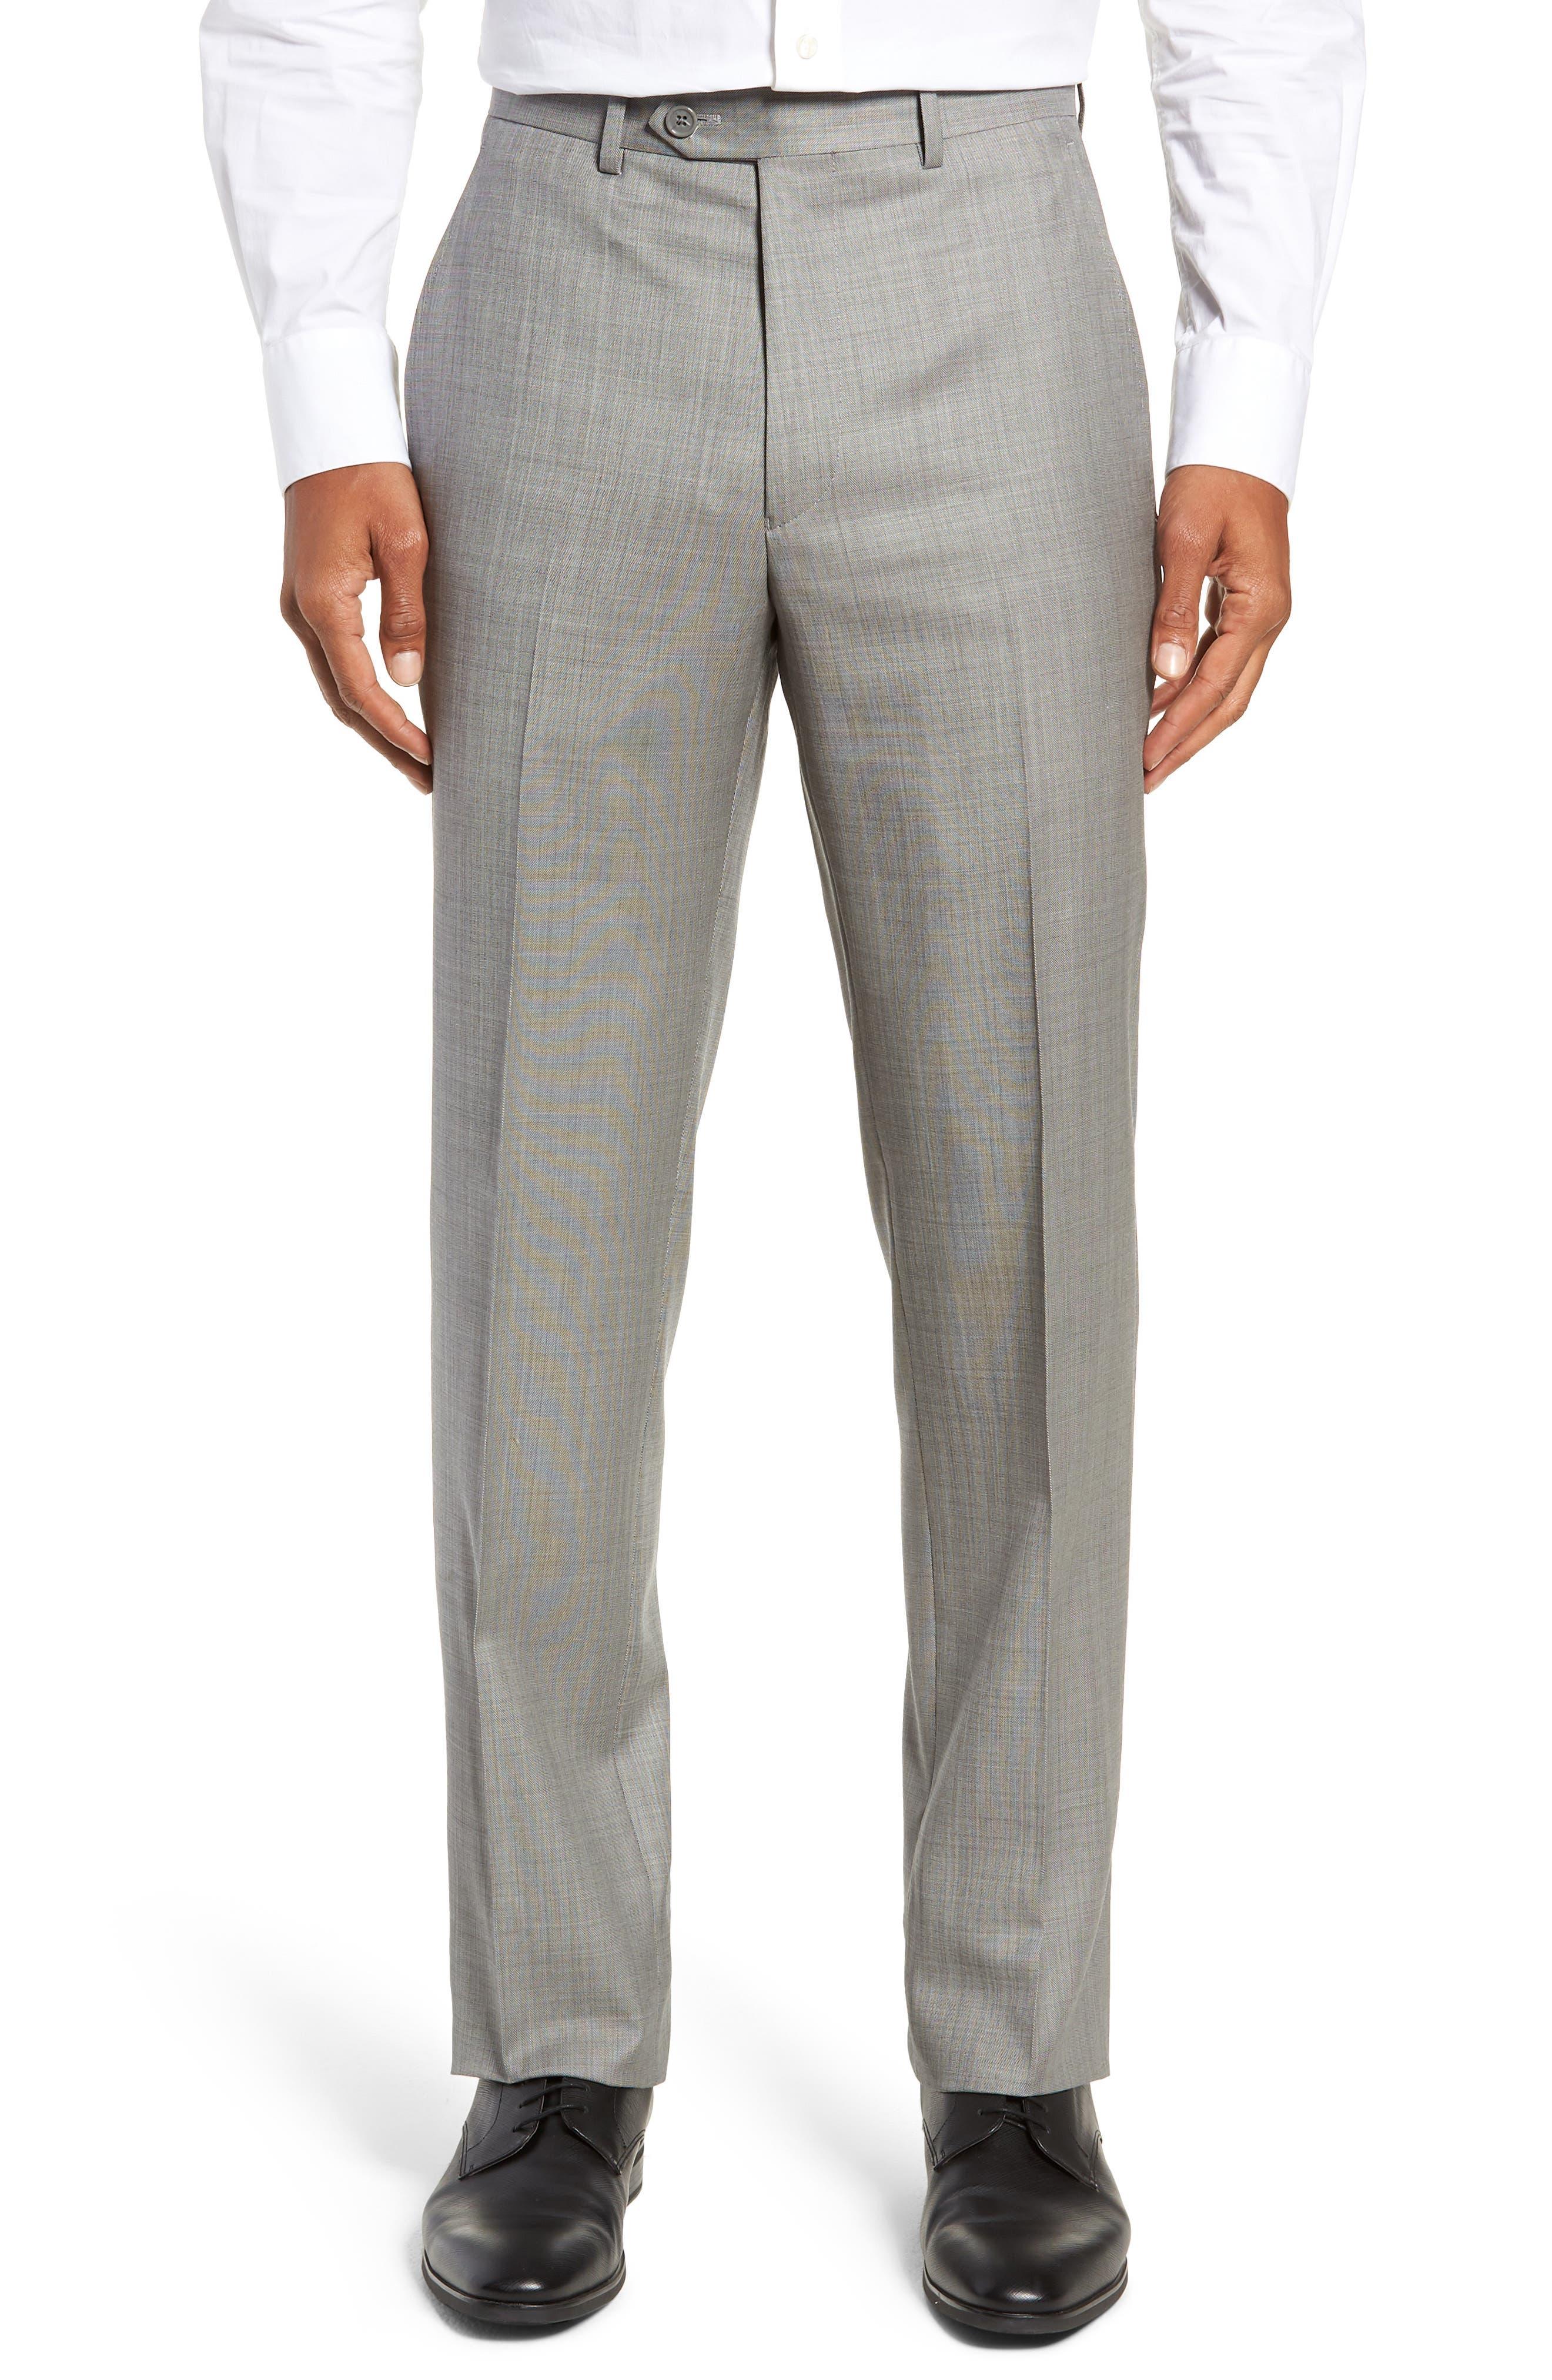 SANTORELLI Flat Front Sharkskin Wool Trousers in Light Grey